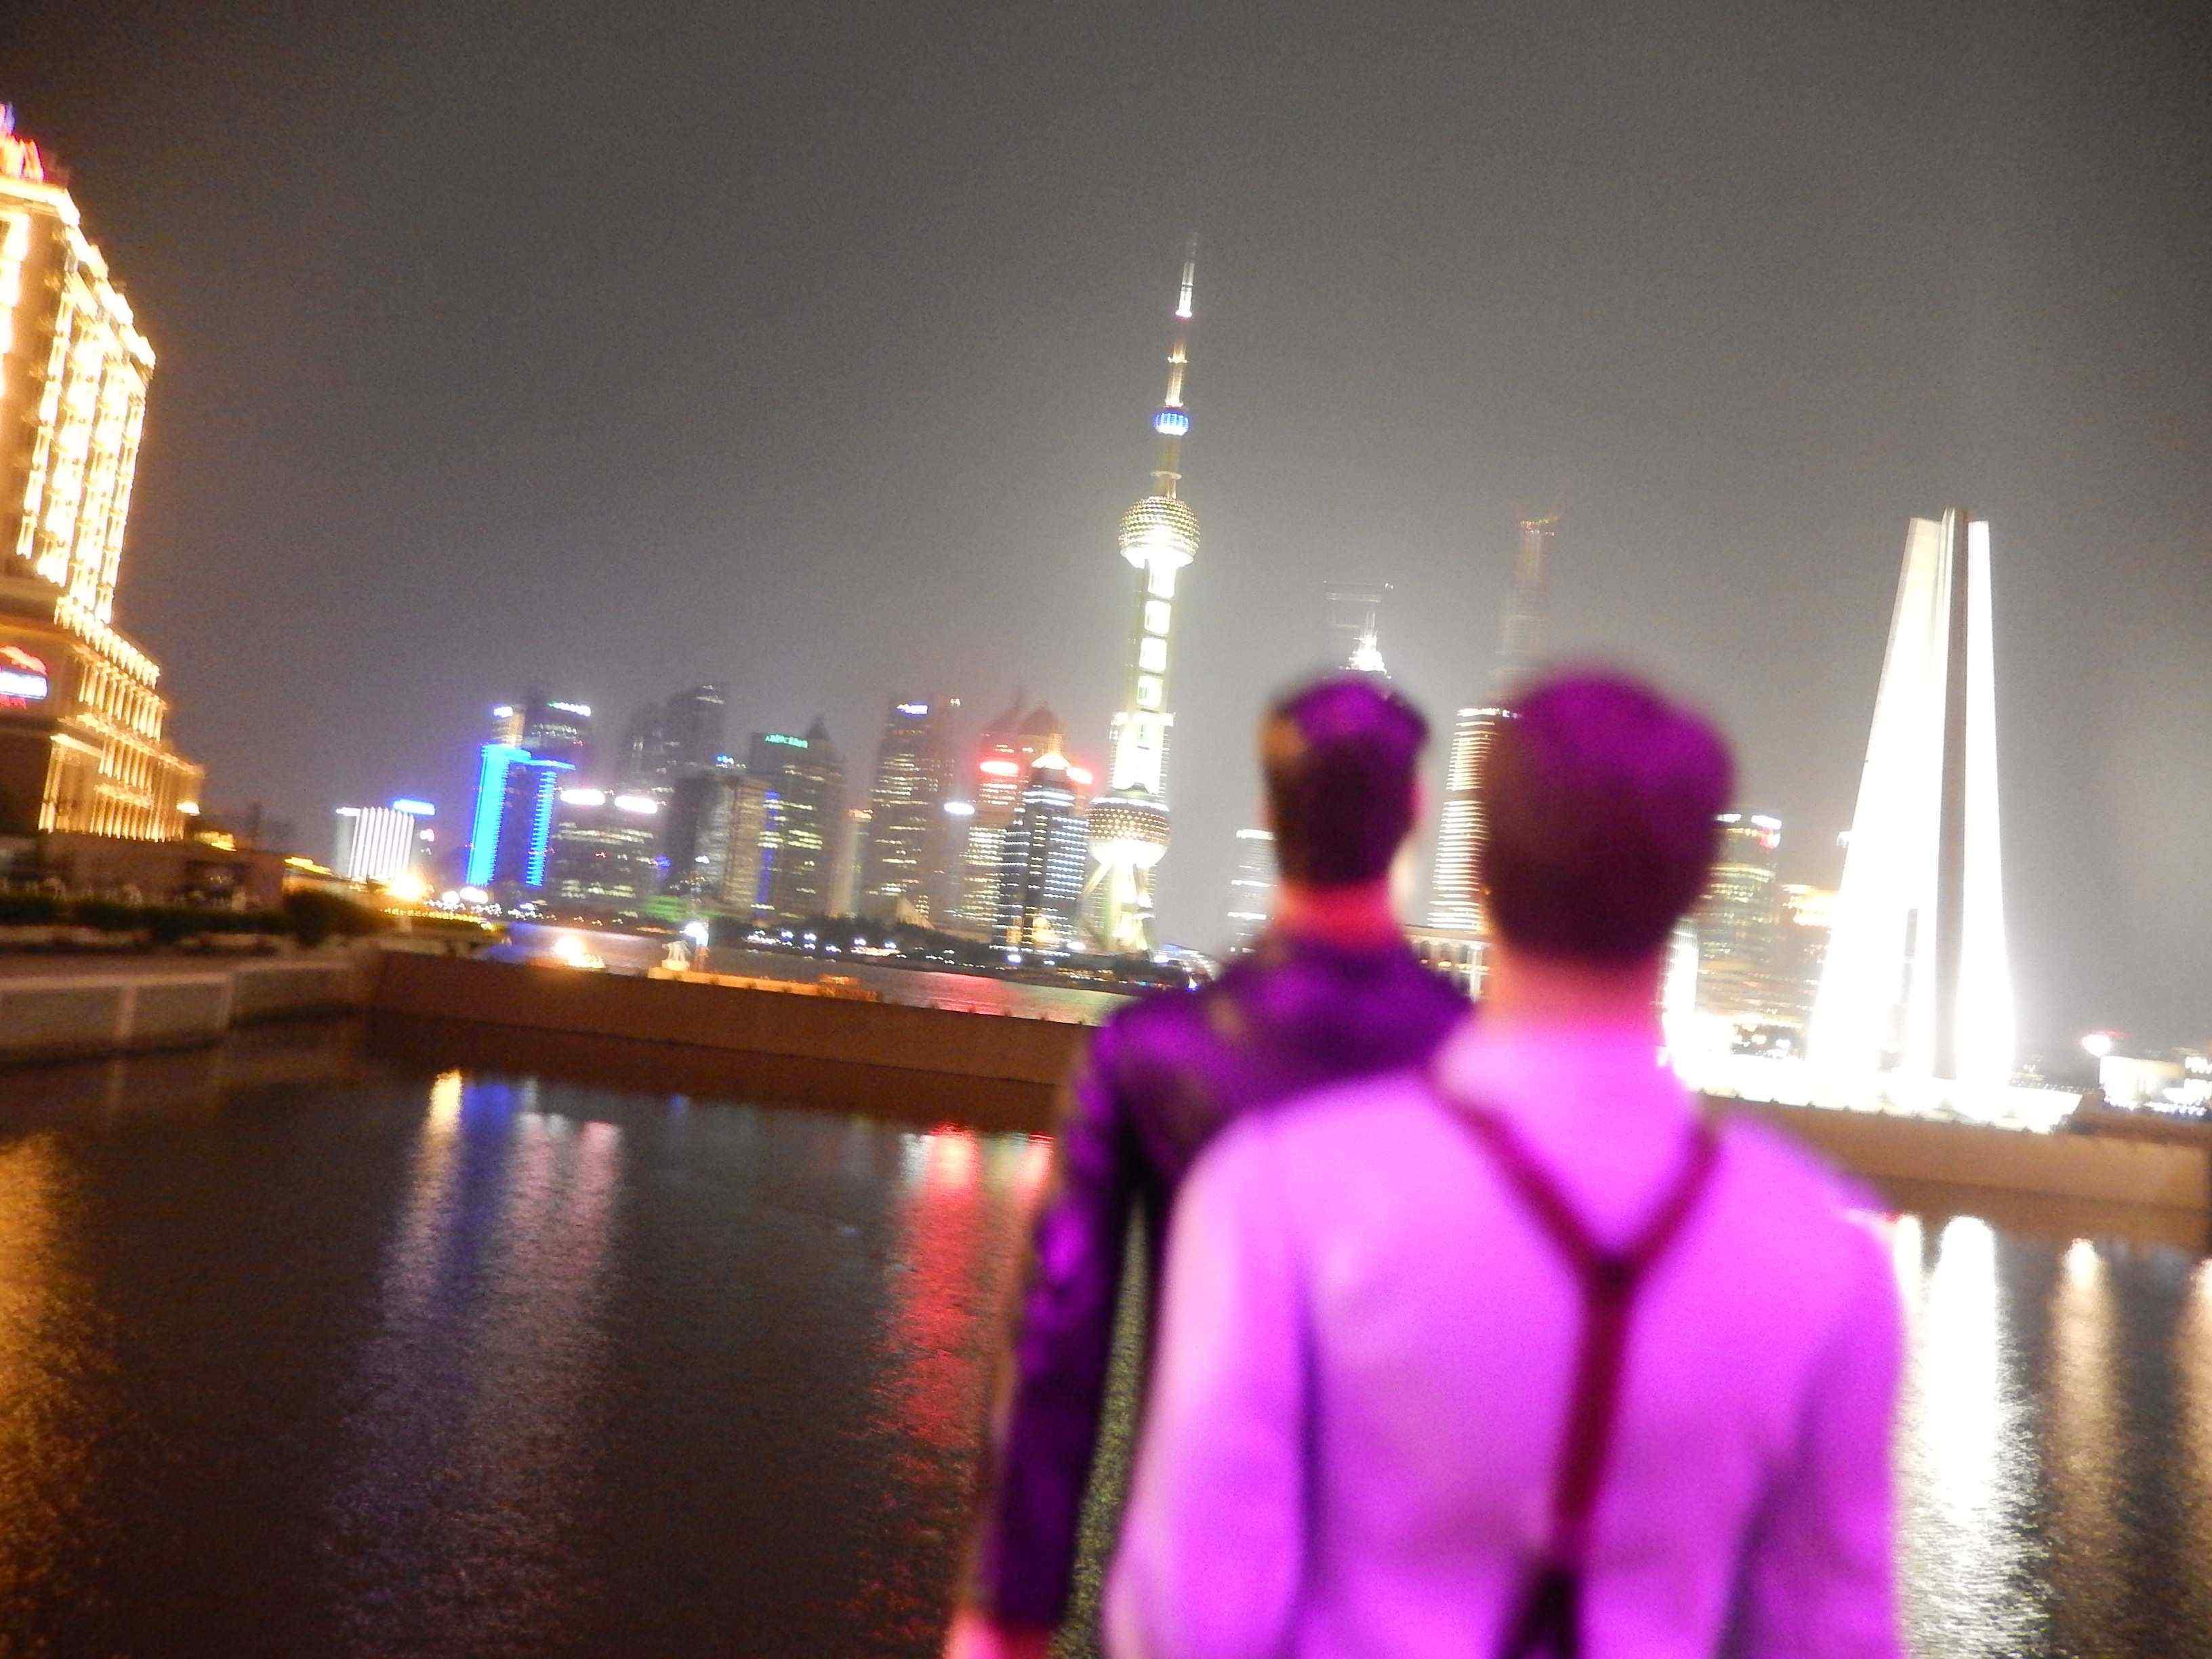 2013.06.18 - 03 - Shanghai